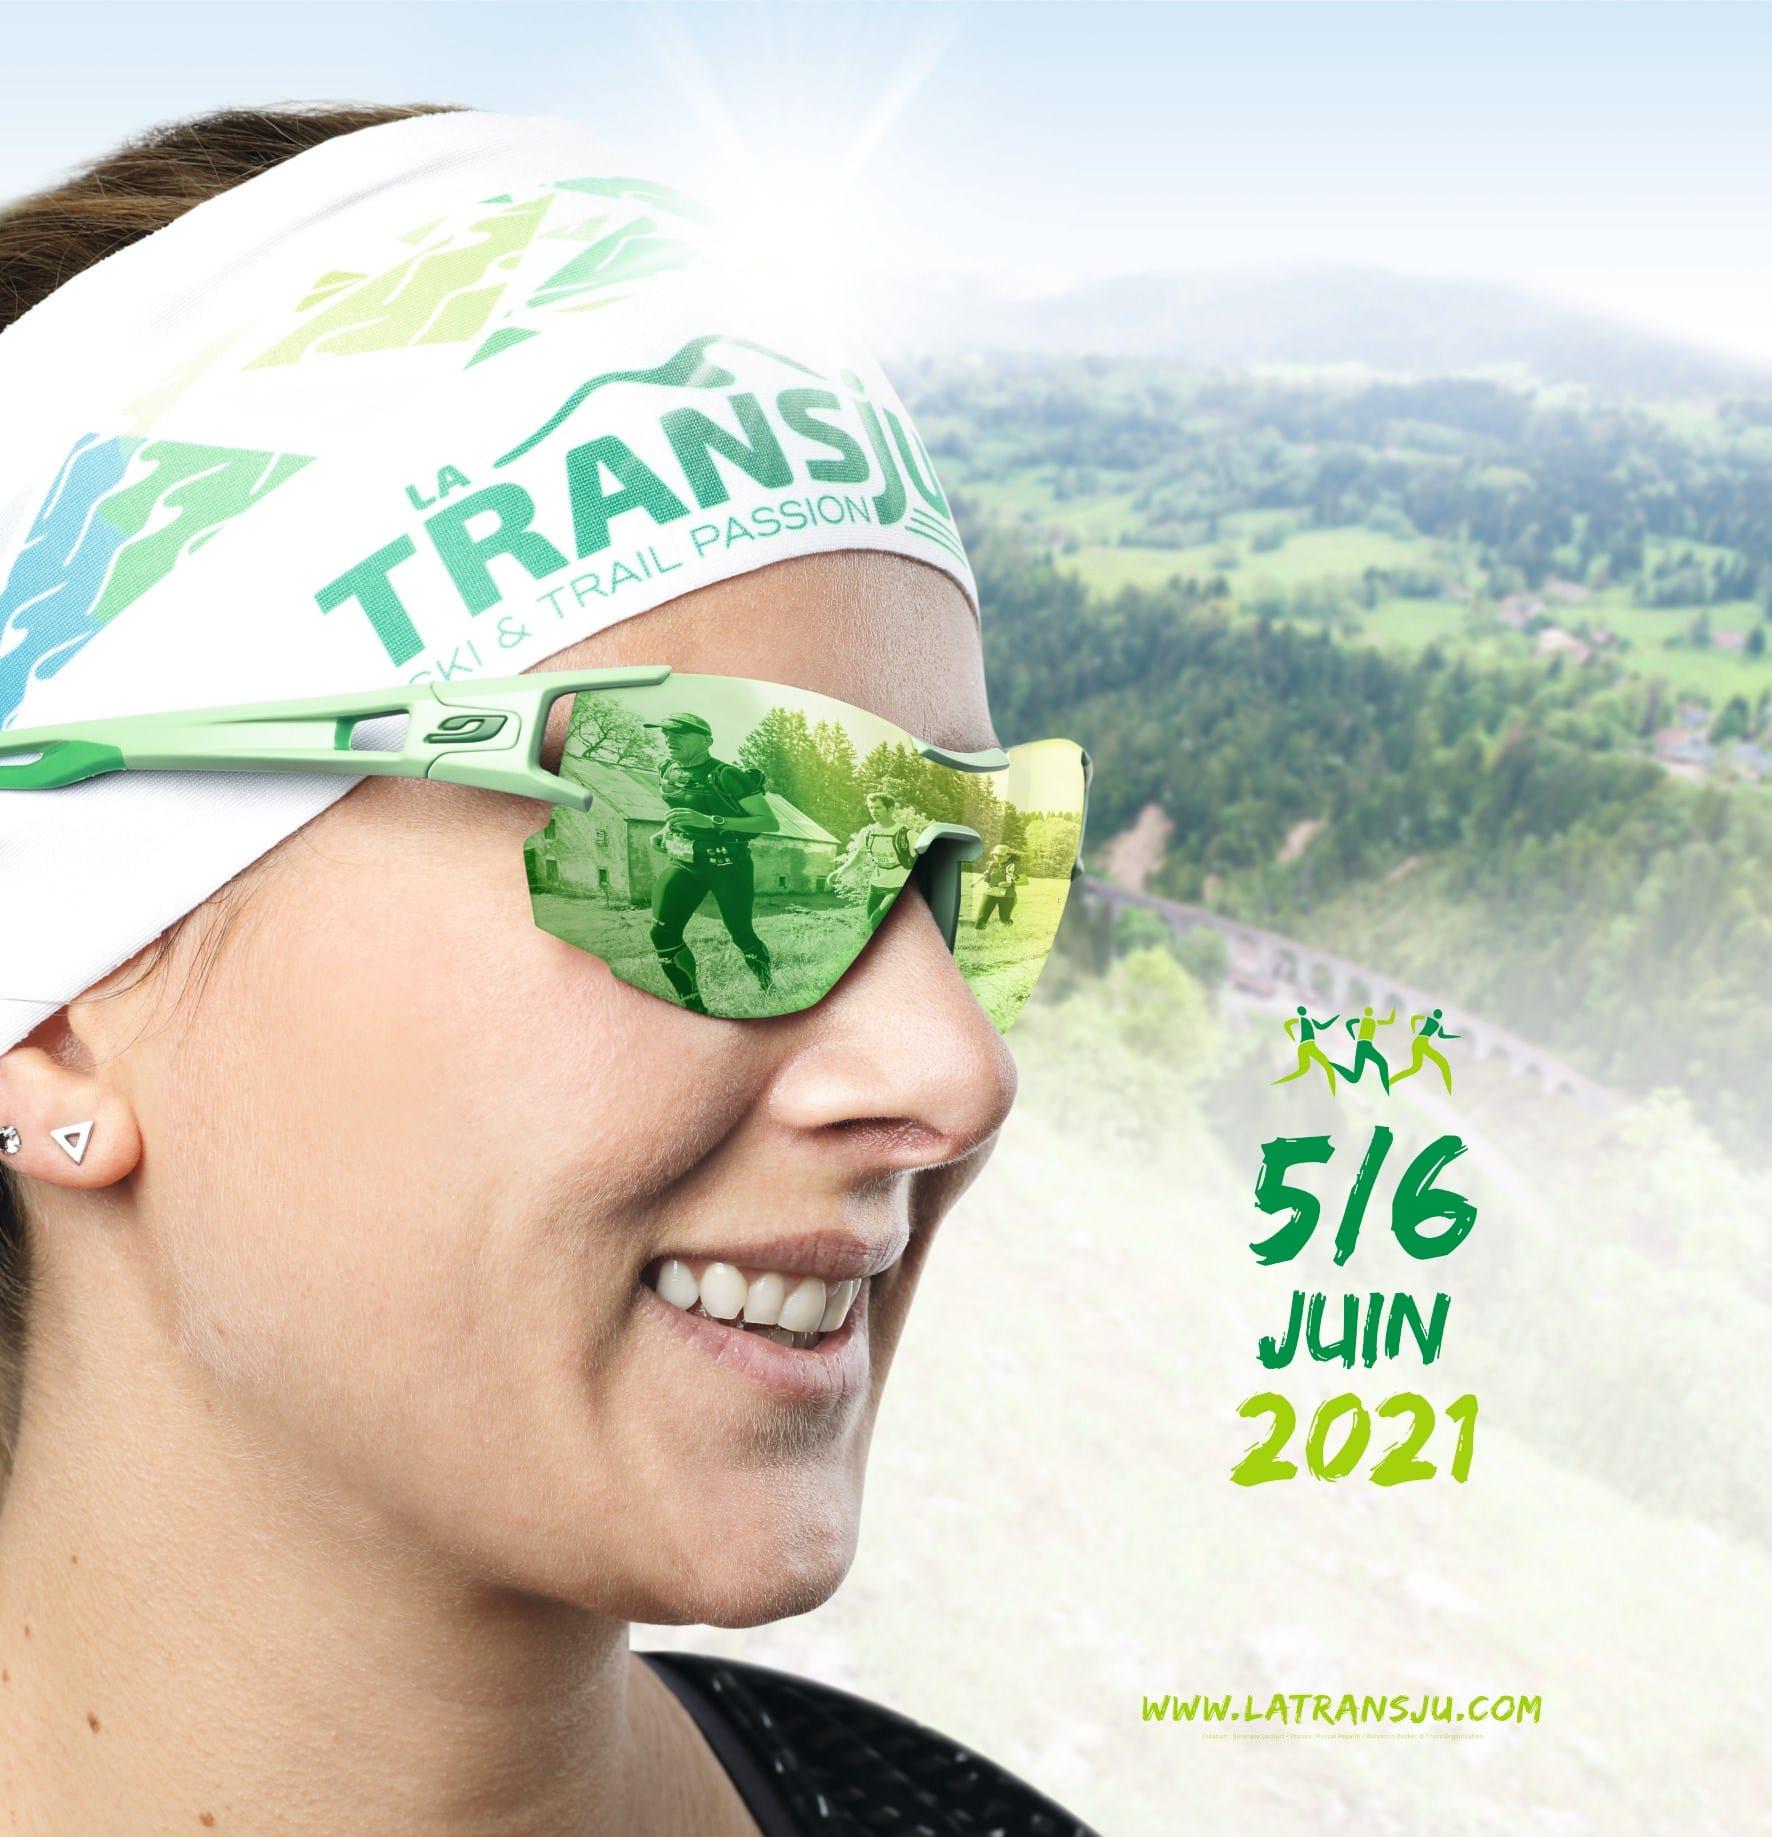 Transju'Trail 2021